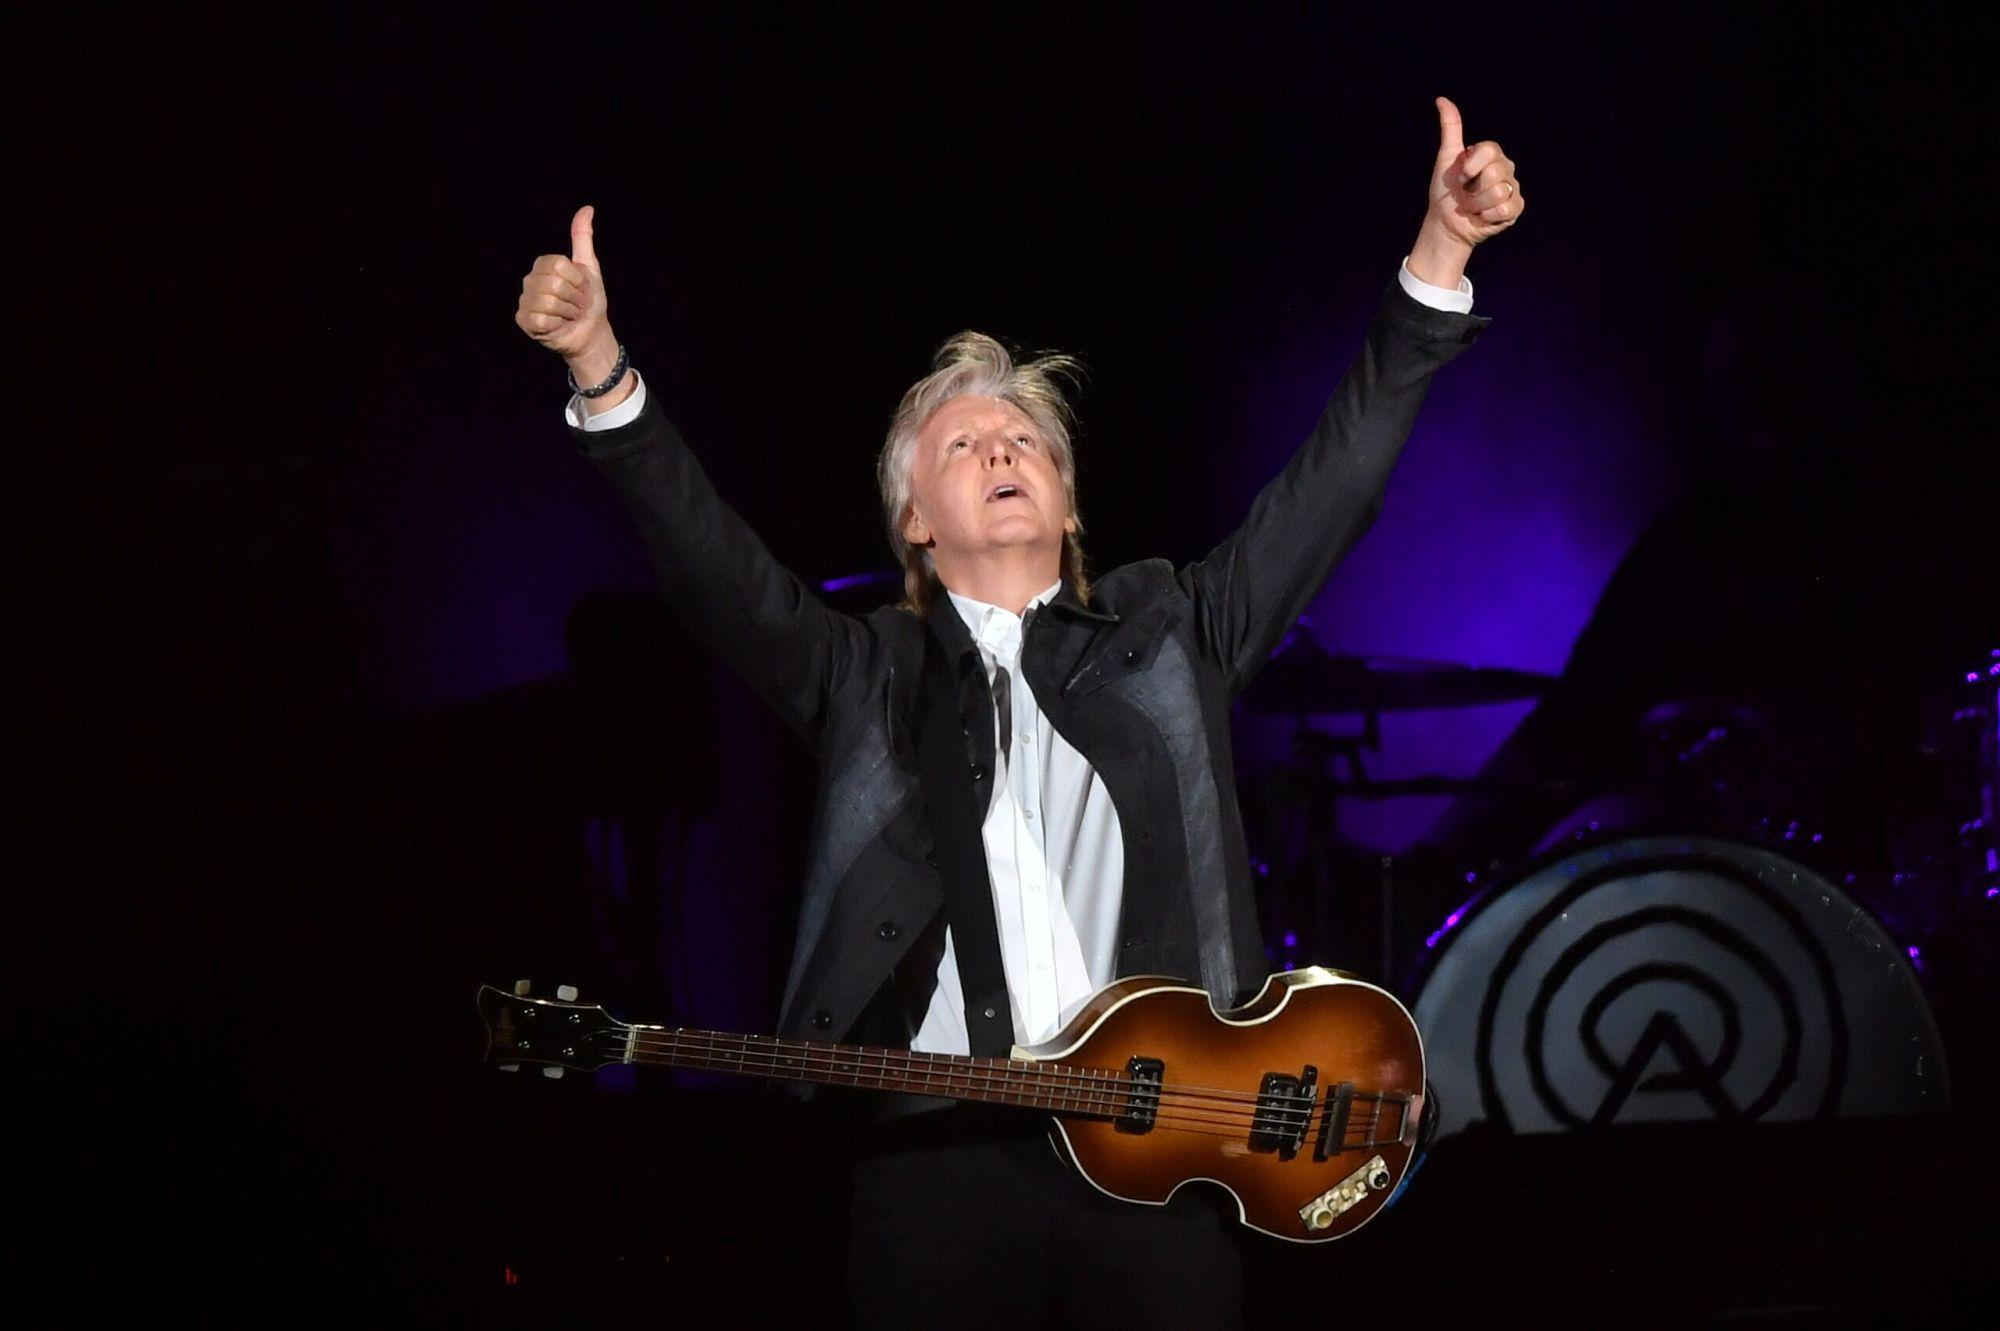 Paul McCartney vai repetir em Curitiba o que apresentou no show de São Paulo?